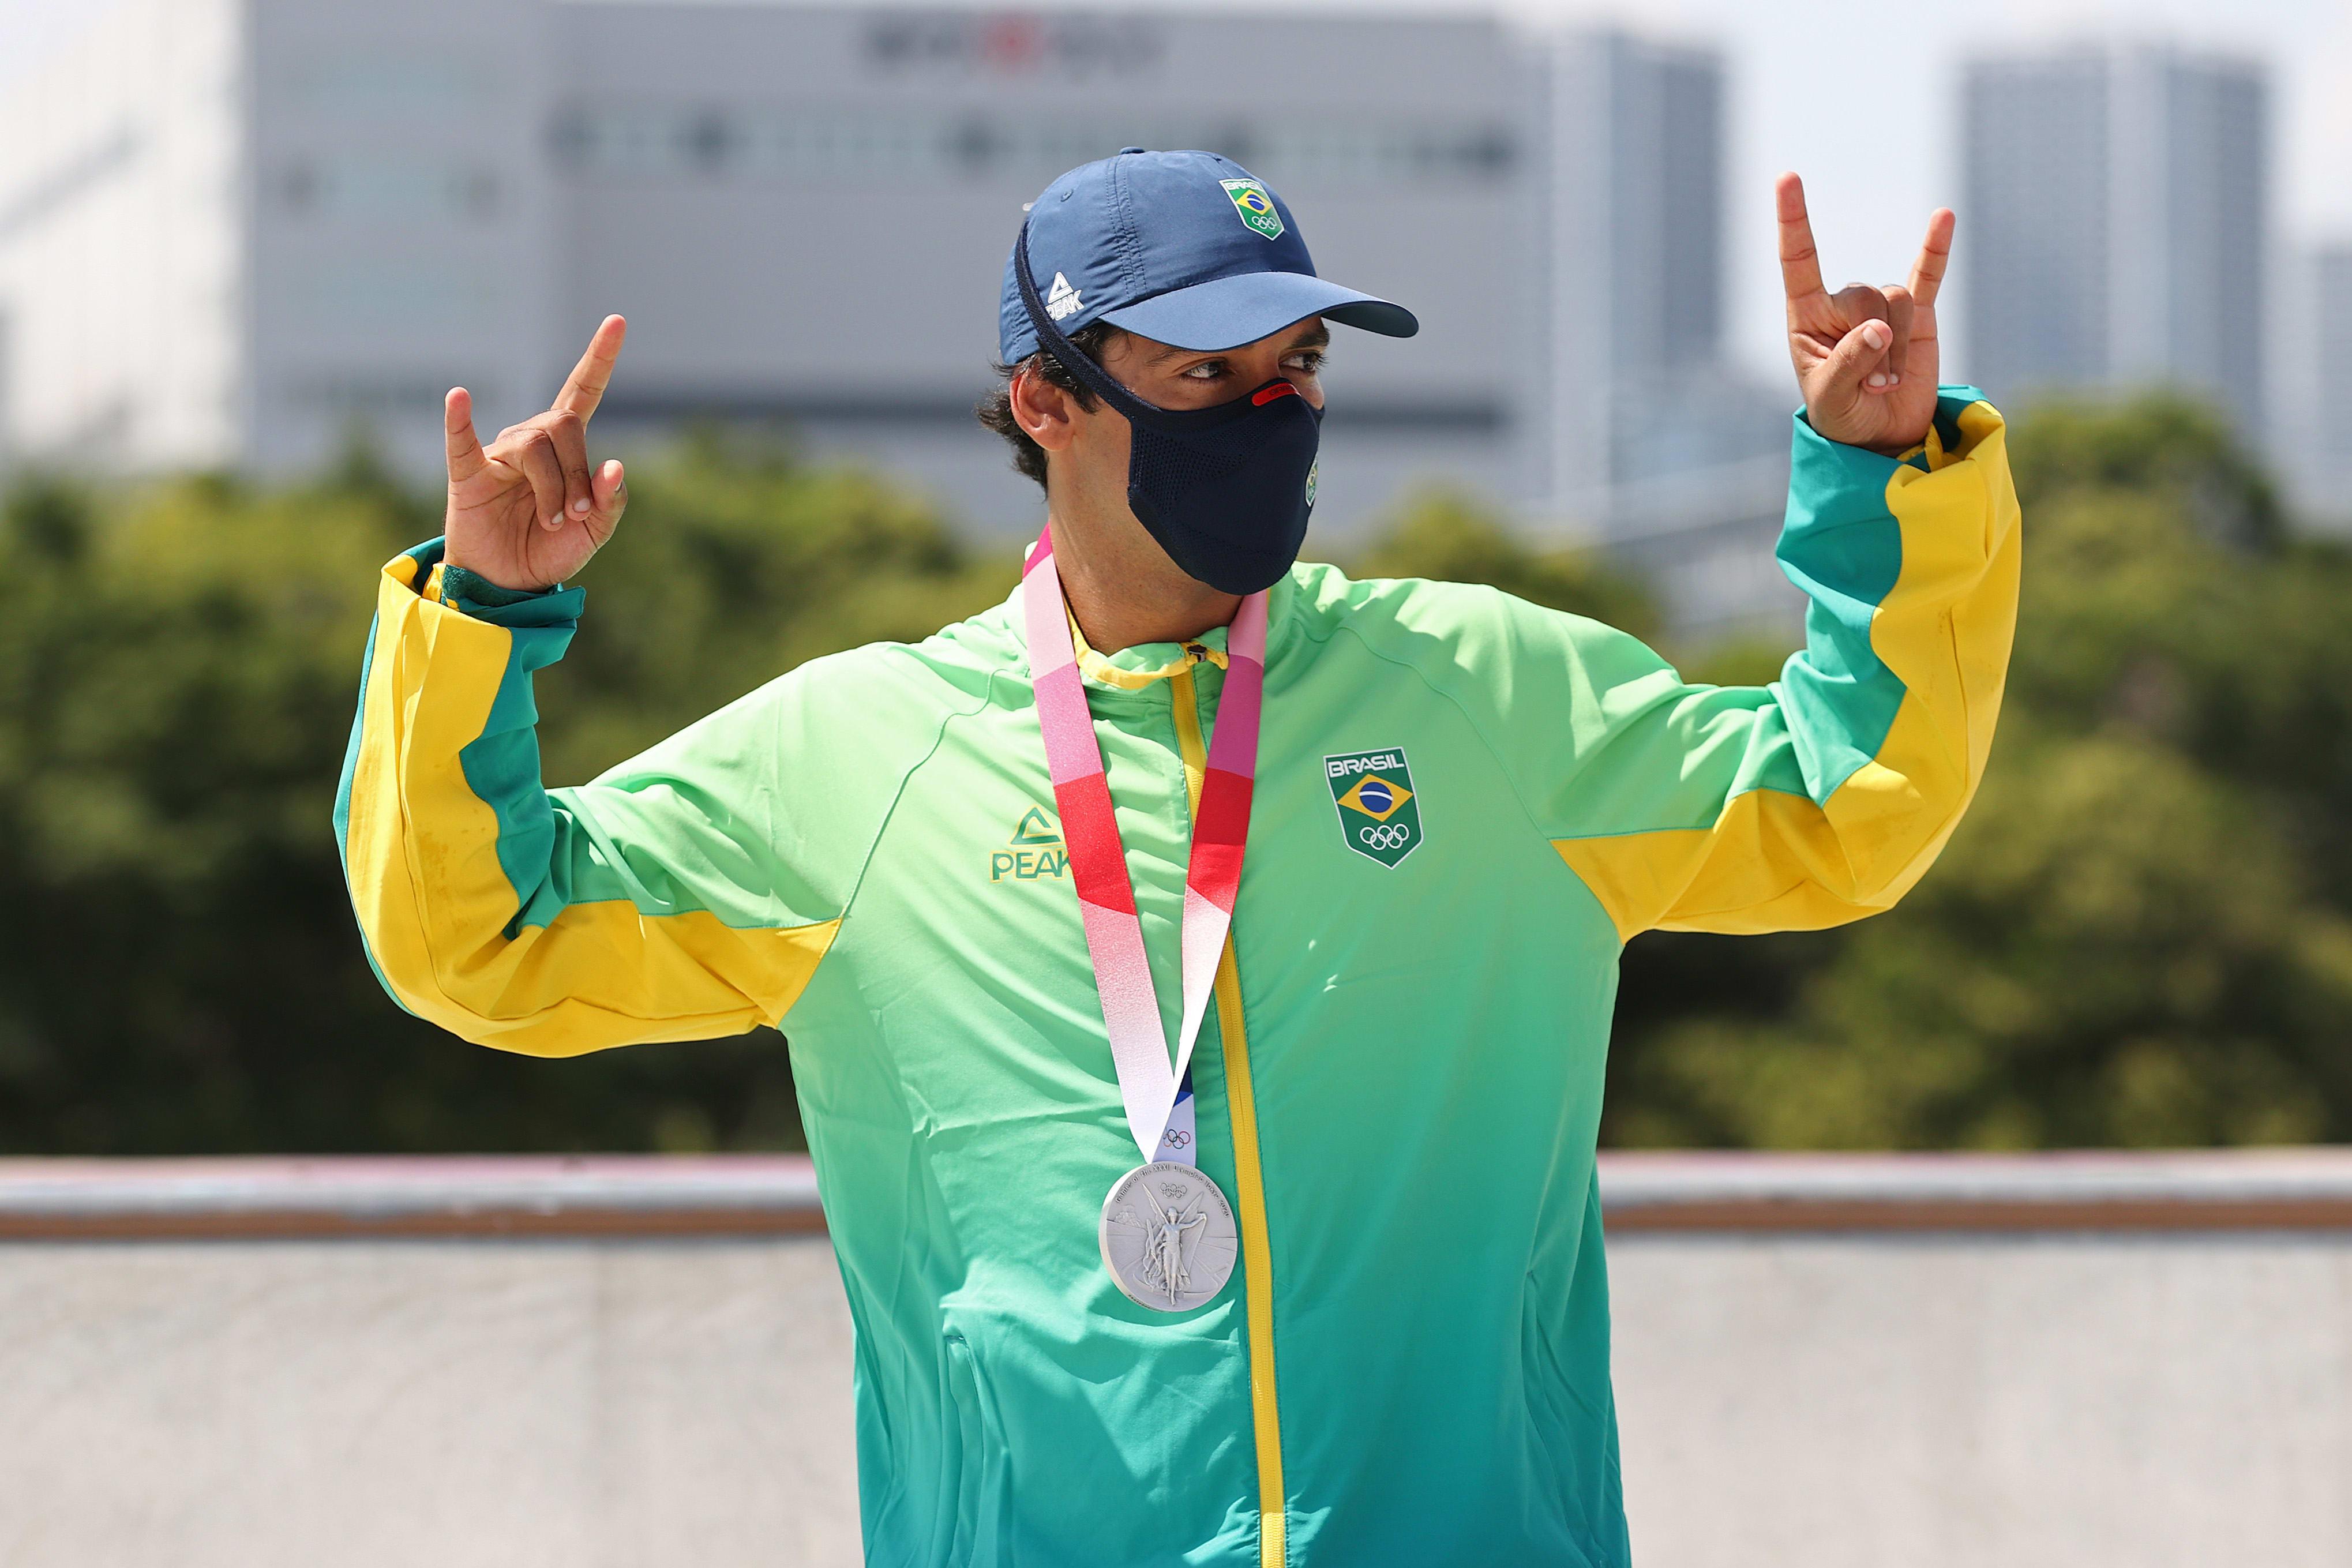 Kelvin fazendo o sinal de rock N roll, enquanto veste sua medalha de prata.